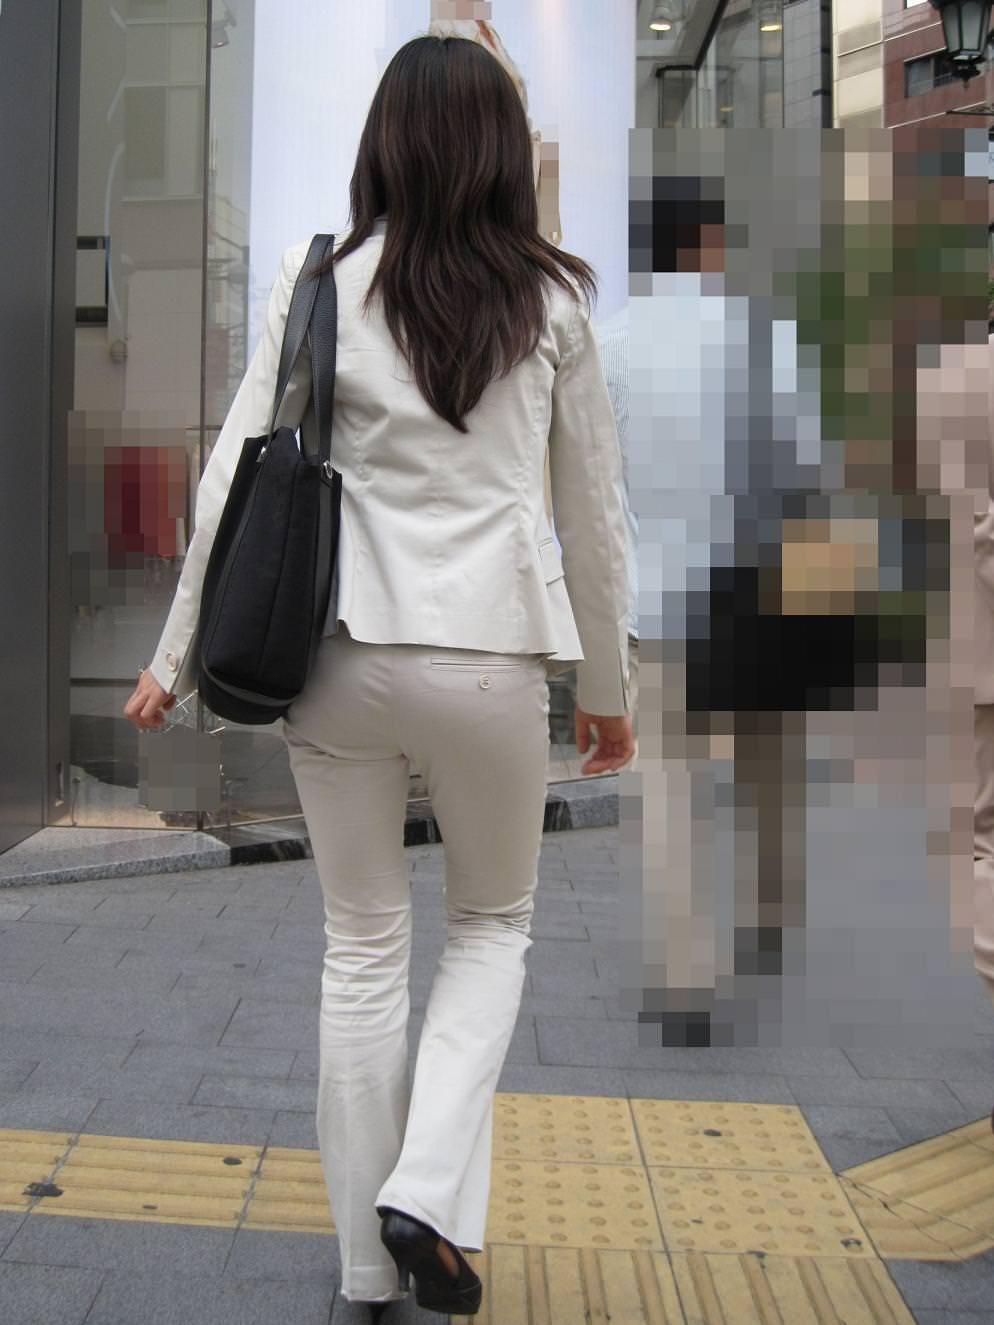 お尻のラインがくっきりハッキリしてる街撮り画像!!!!!!!! 2503